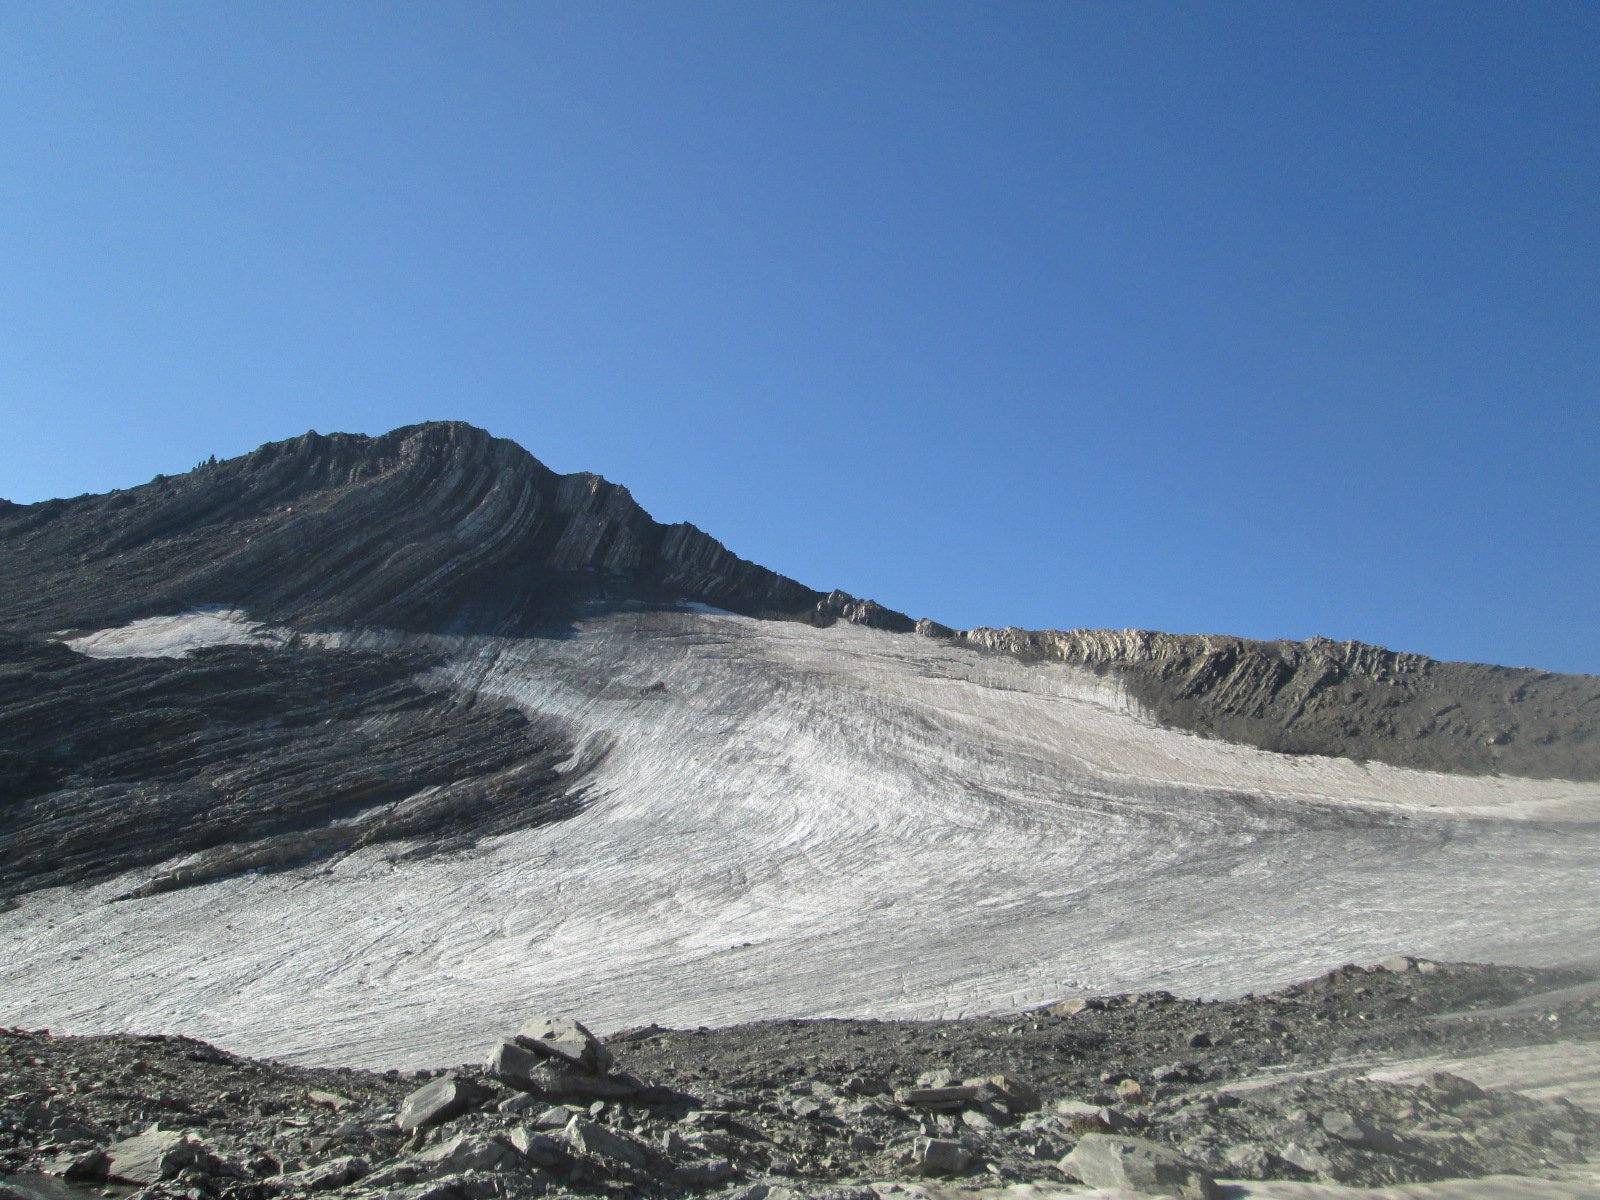 il ghiacciaio con la cima